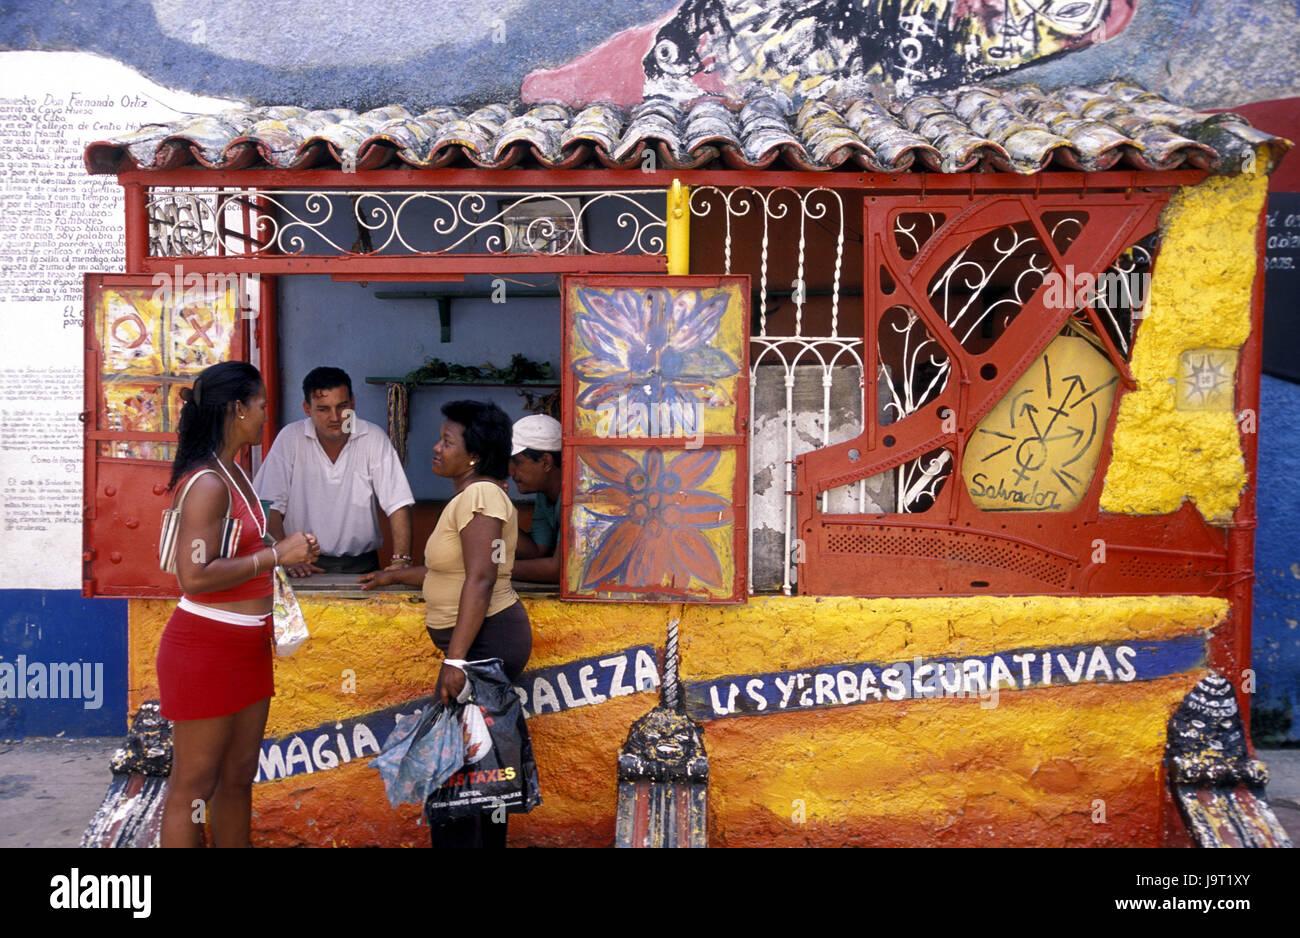 Cuba La Havane,,Callejon de moutons,business,façade,Peinture,des,clients,modèle ne libération, Amérique Photo Stock